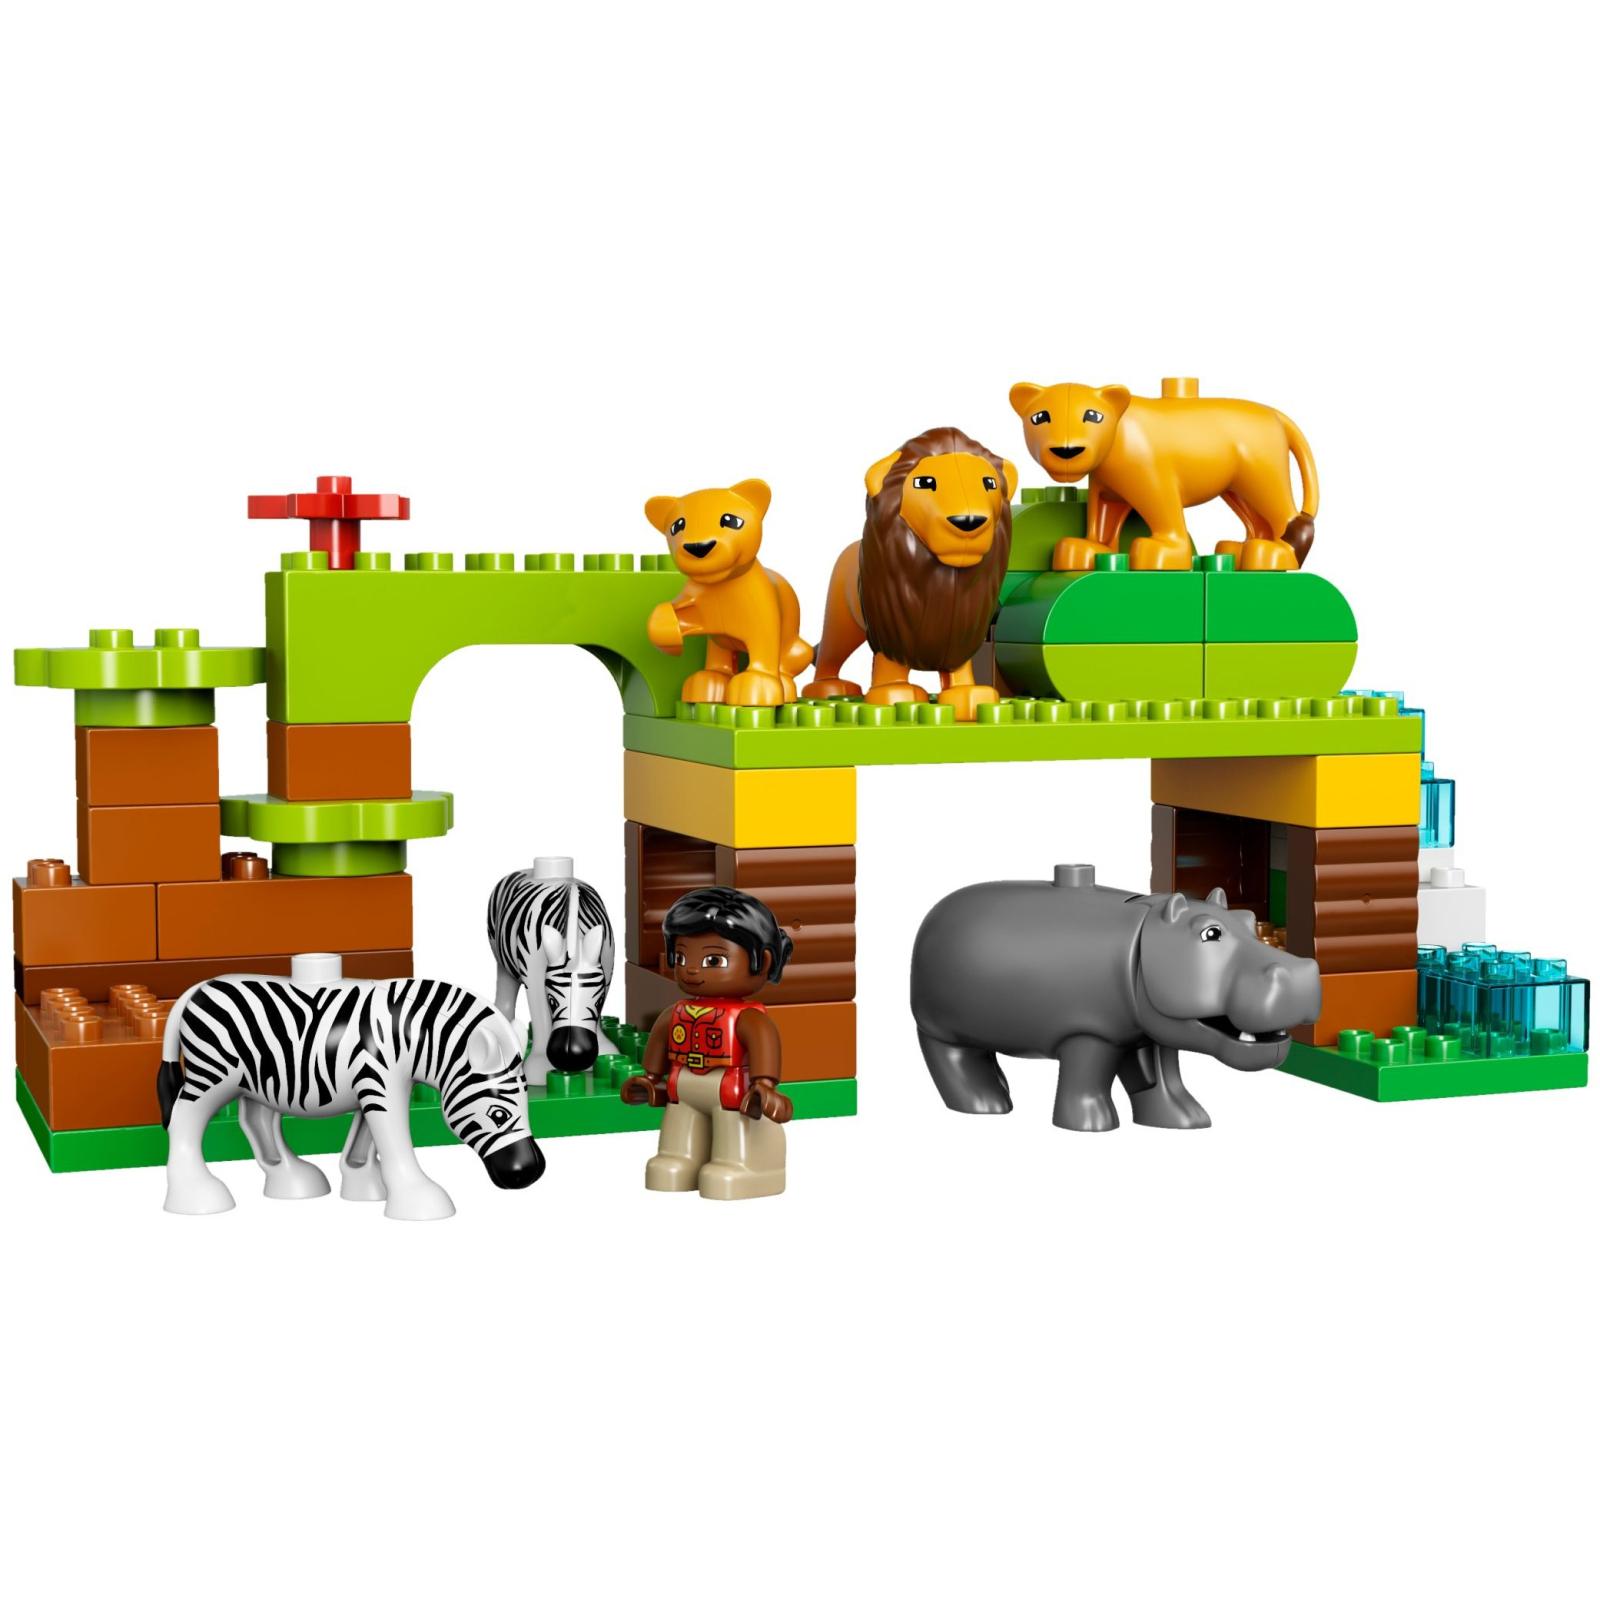 Конструктор LEGO Duplo Town Вокруг света (10805) изображение 5